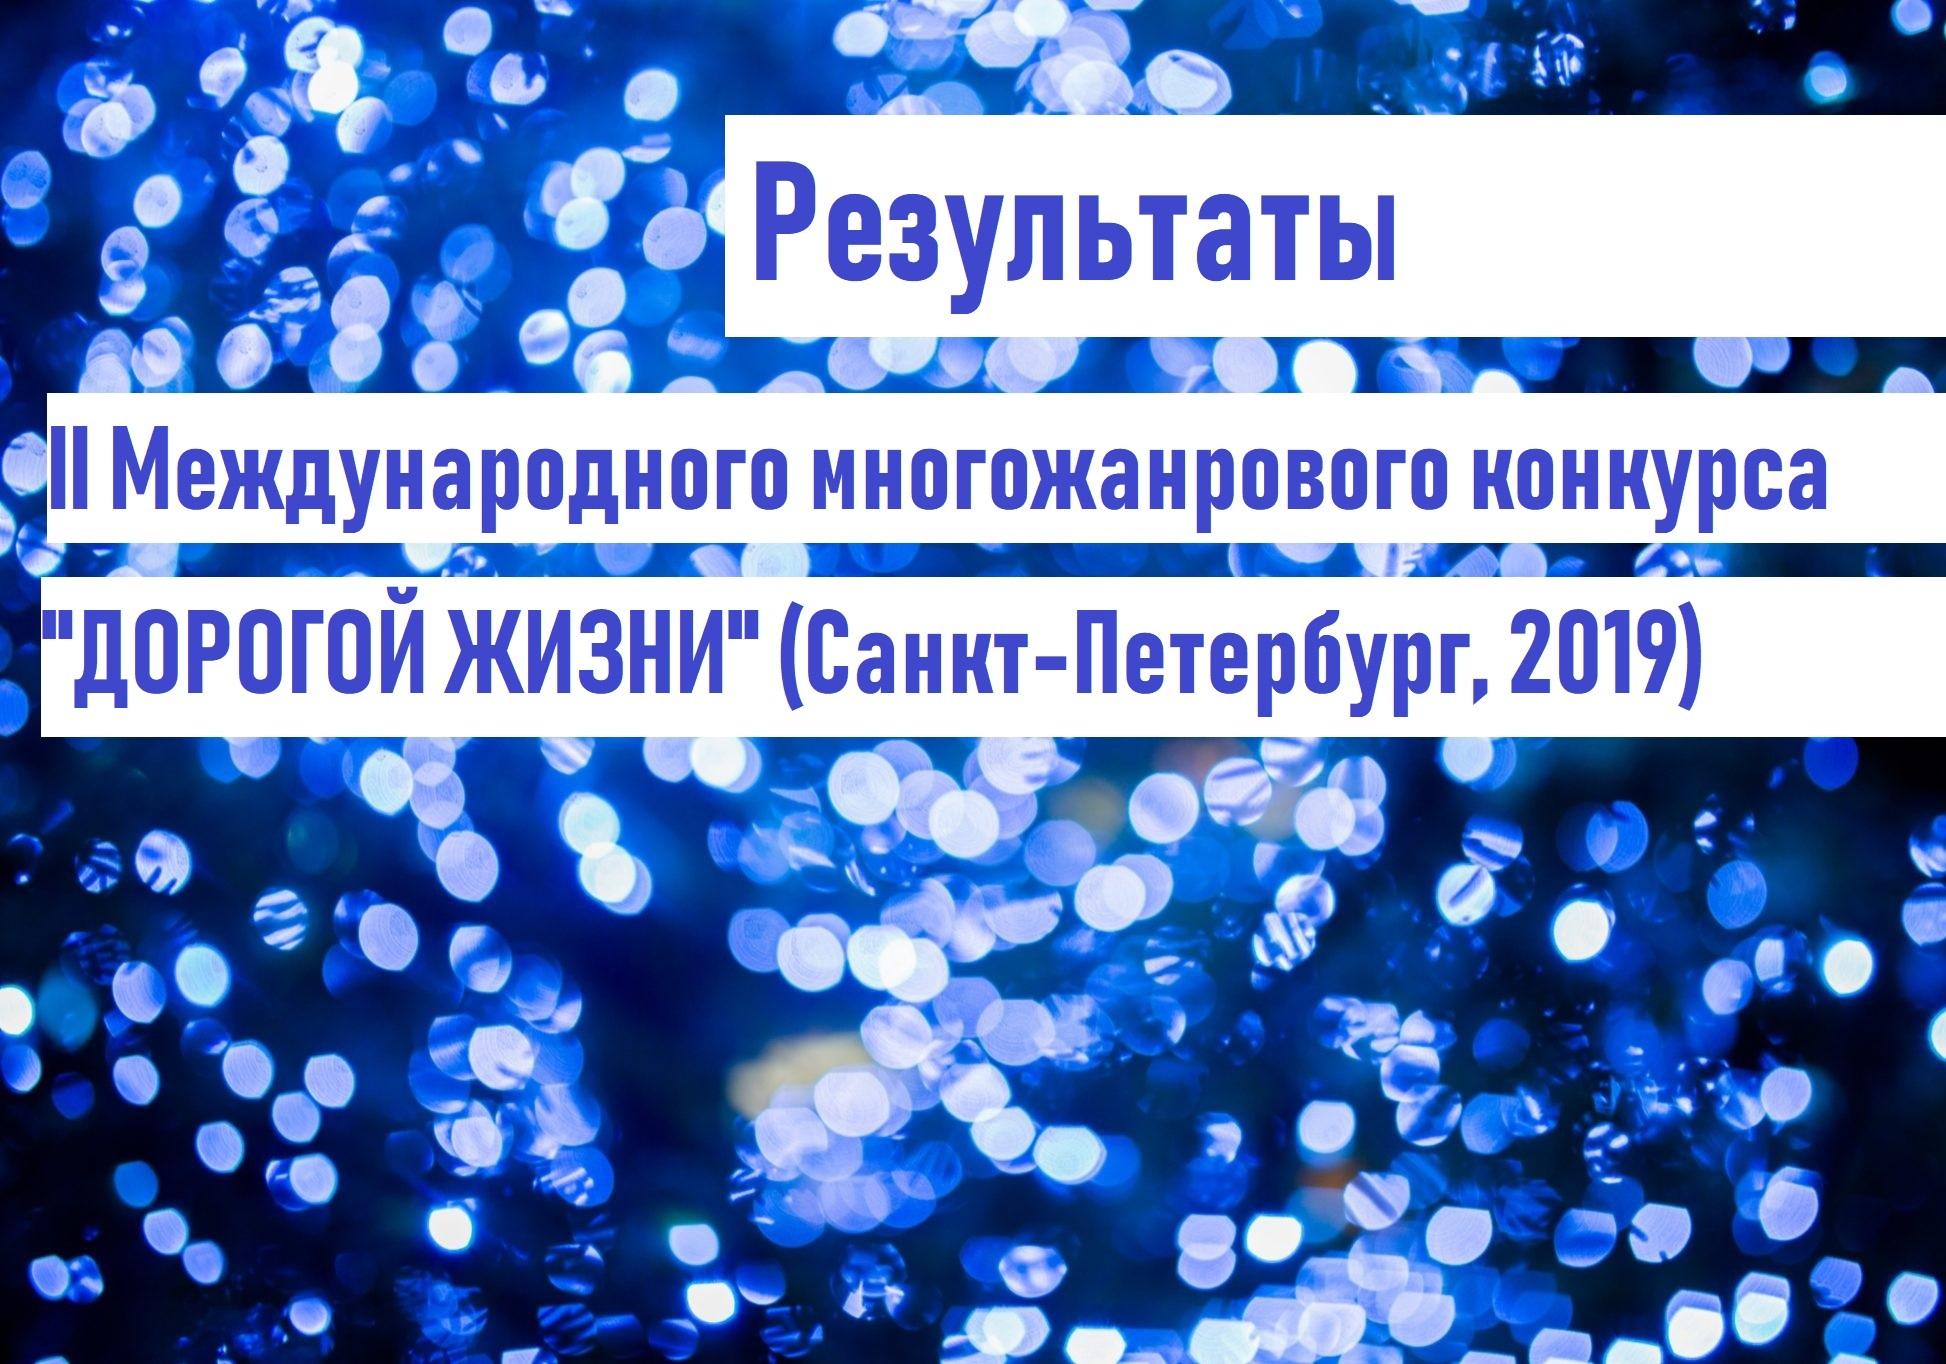 Результаты II Международного конкурса Дорогой Жизни Санкт-Петербург 2019